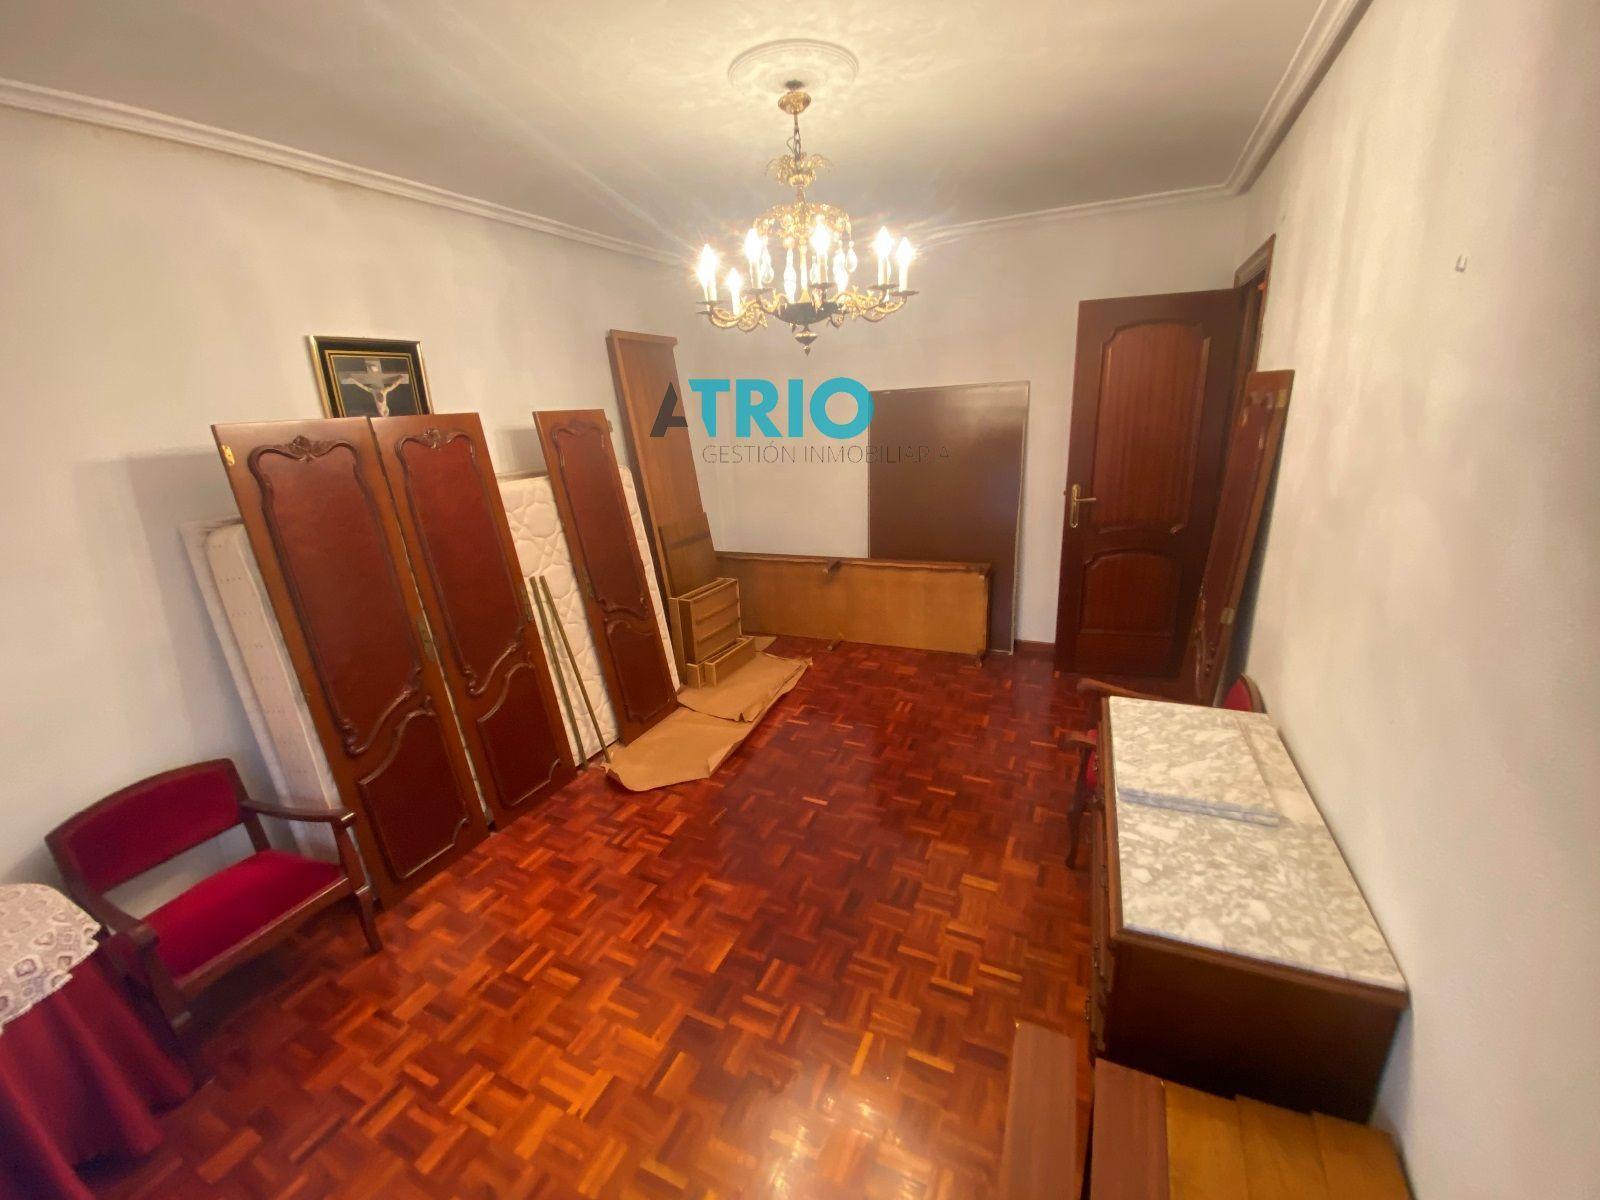 dia.mobiliagestion.es/Portals/inmoatrio/Images/7286/6100426